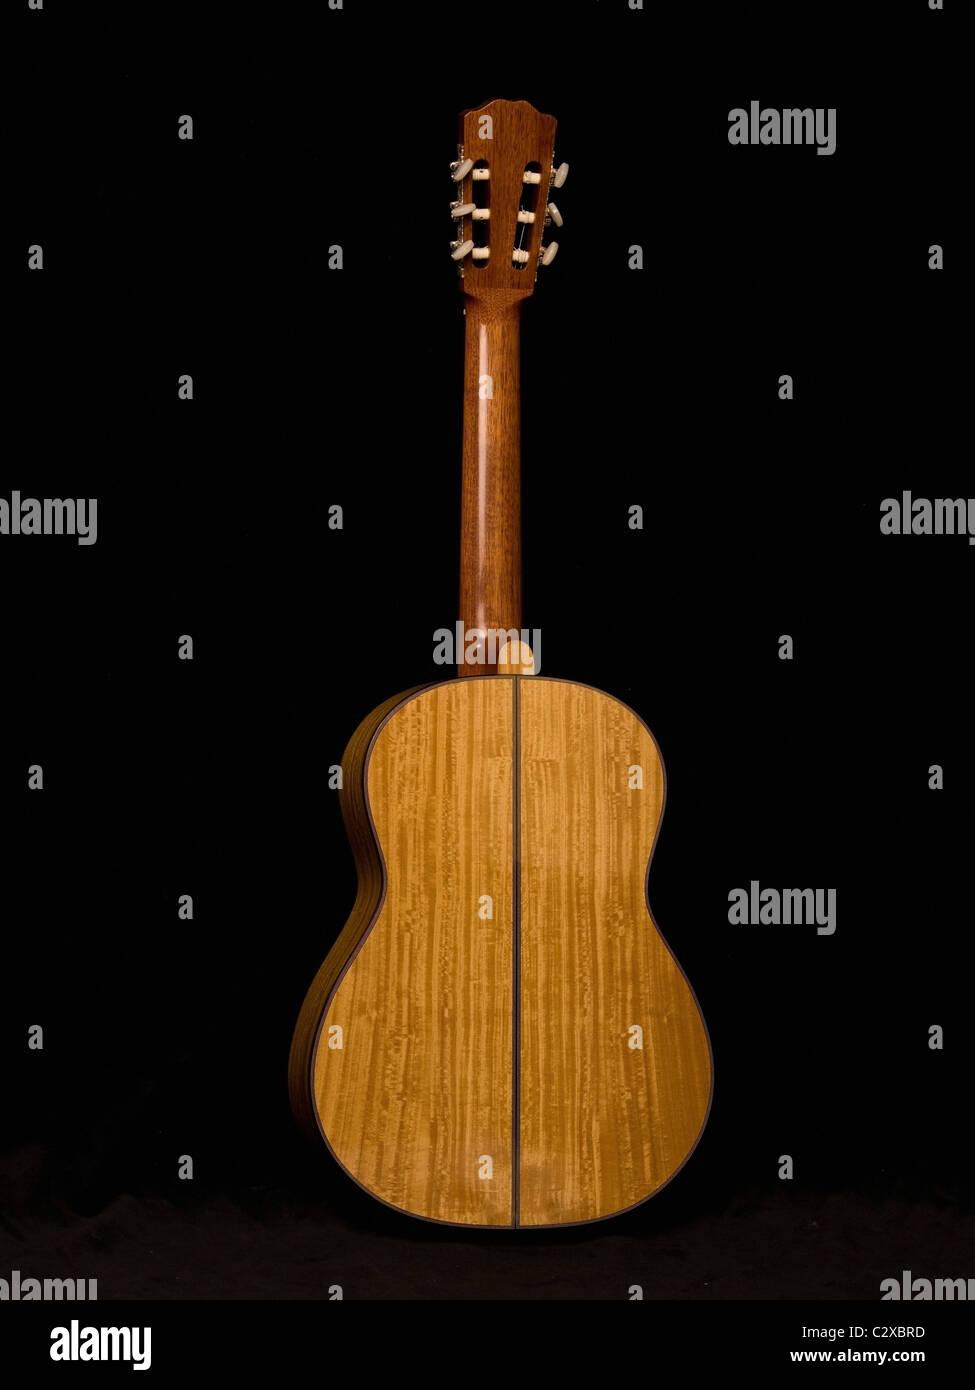 Portrait d'une guitare acoustique Photo Stock